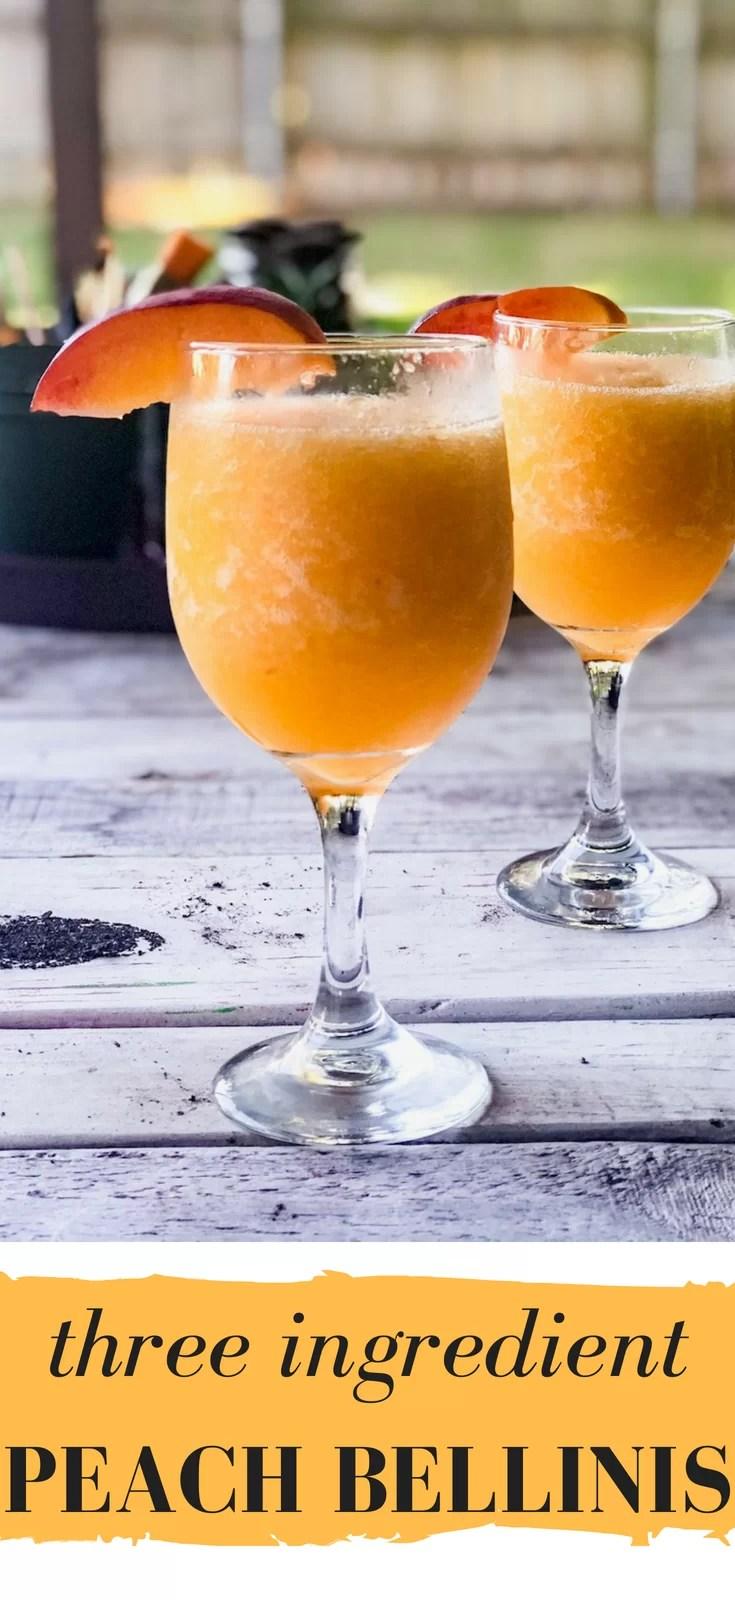 Three Ingredient Peach Bellini Recipe